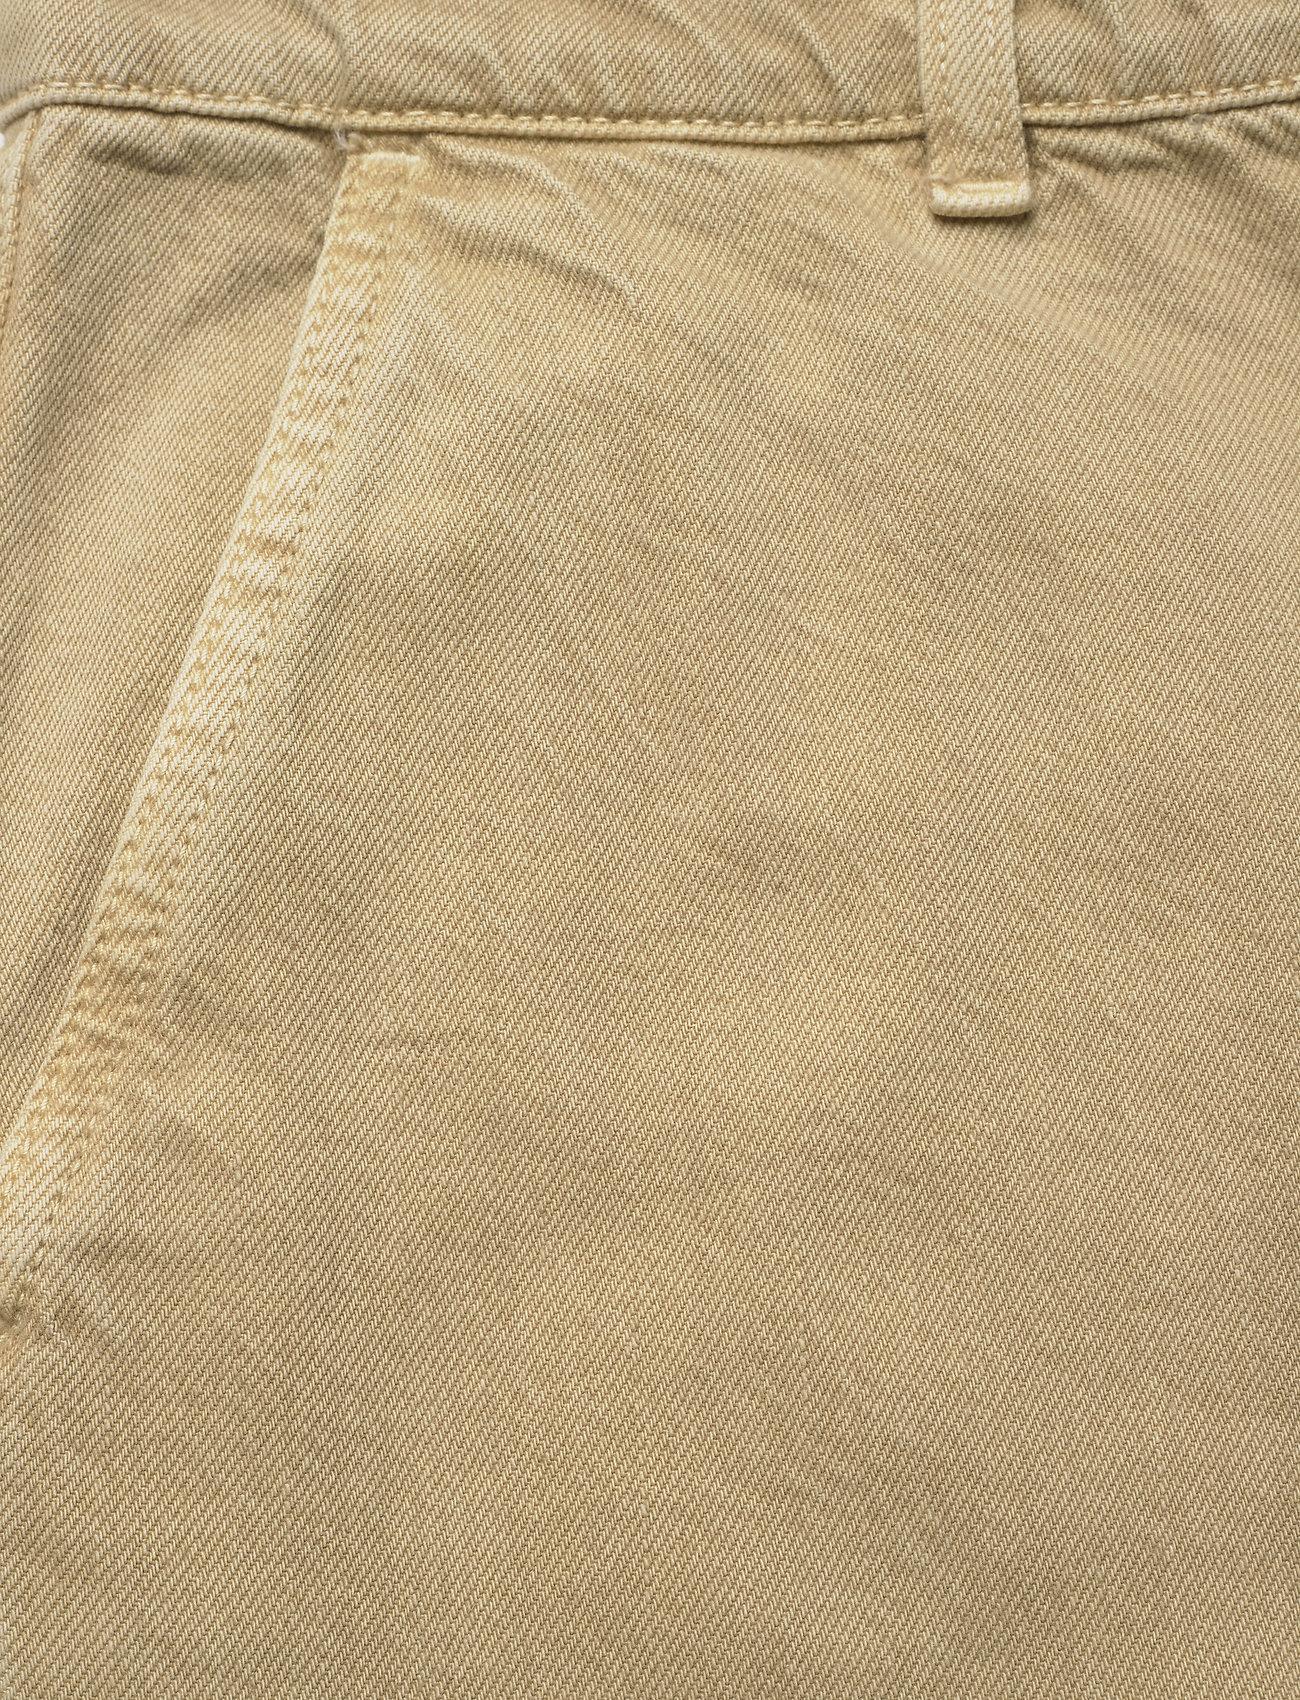 Mavis Ecru (Dusty Yellow) (1040 kr) - Arnie Says